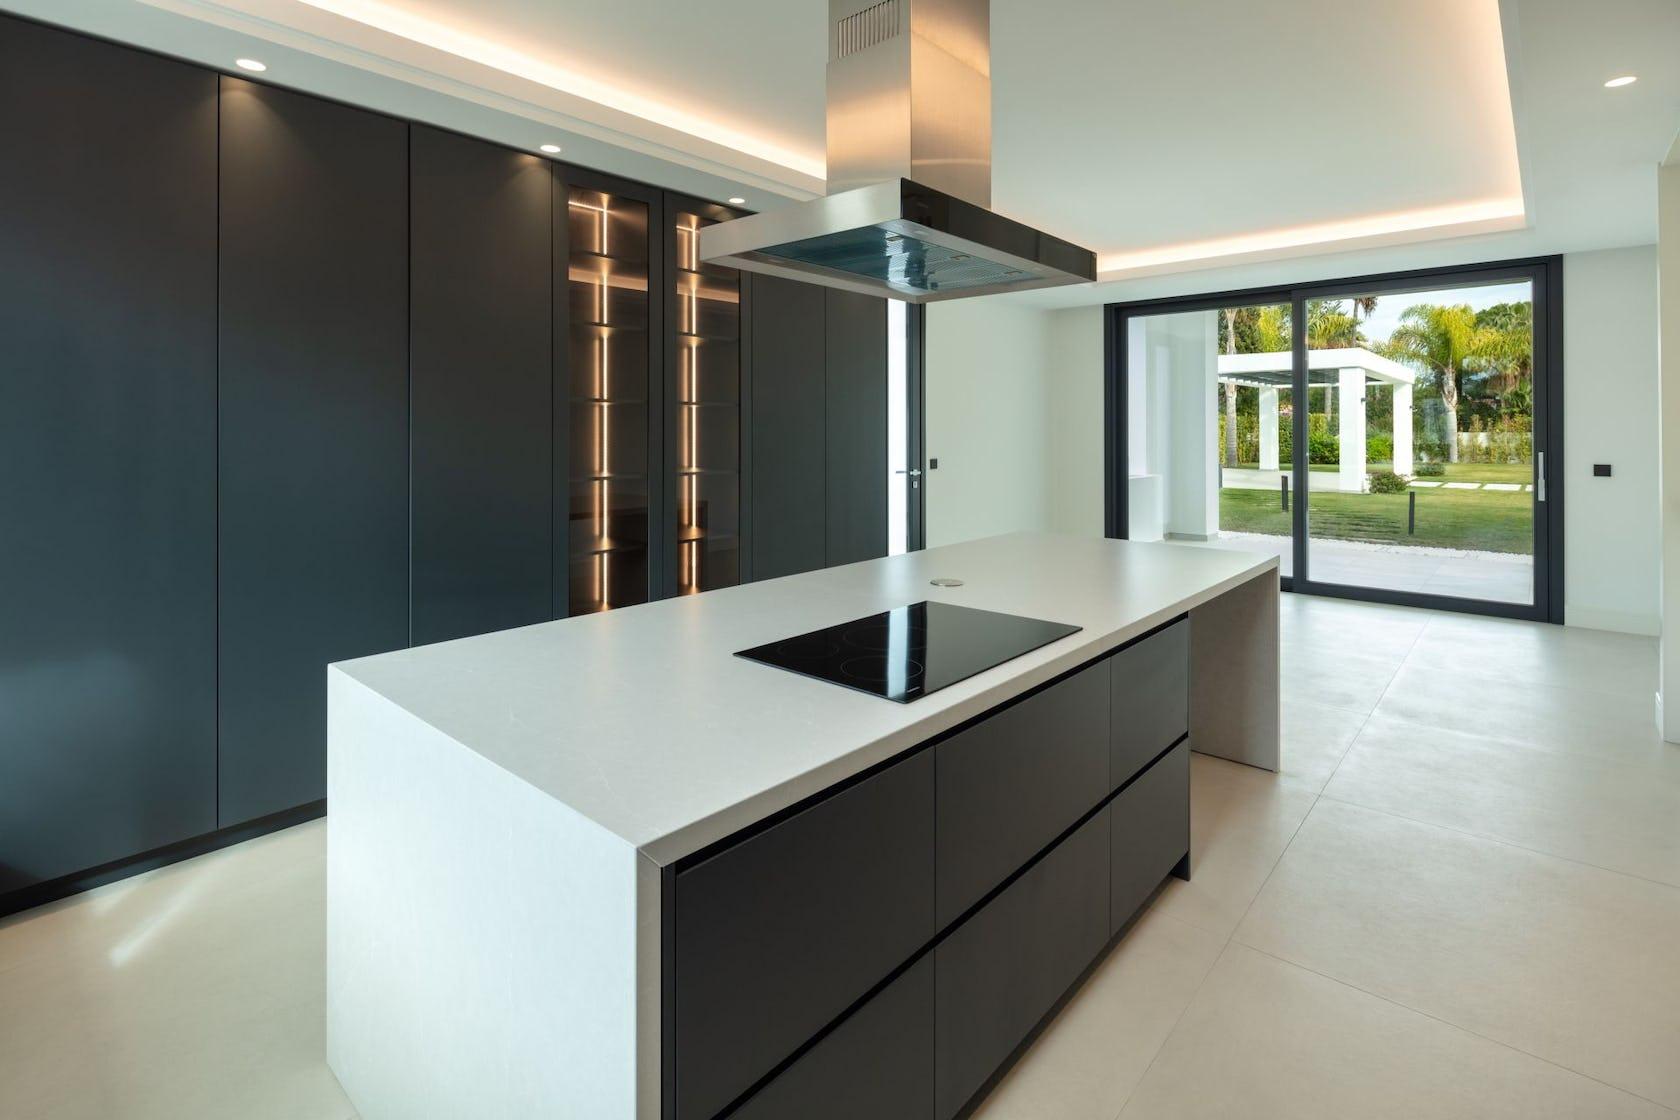 indoors interior design room furniture